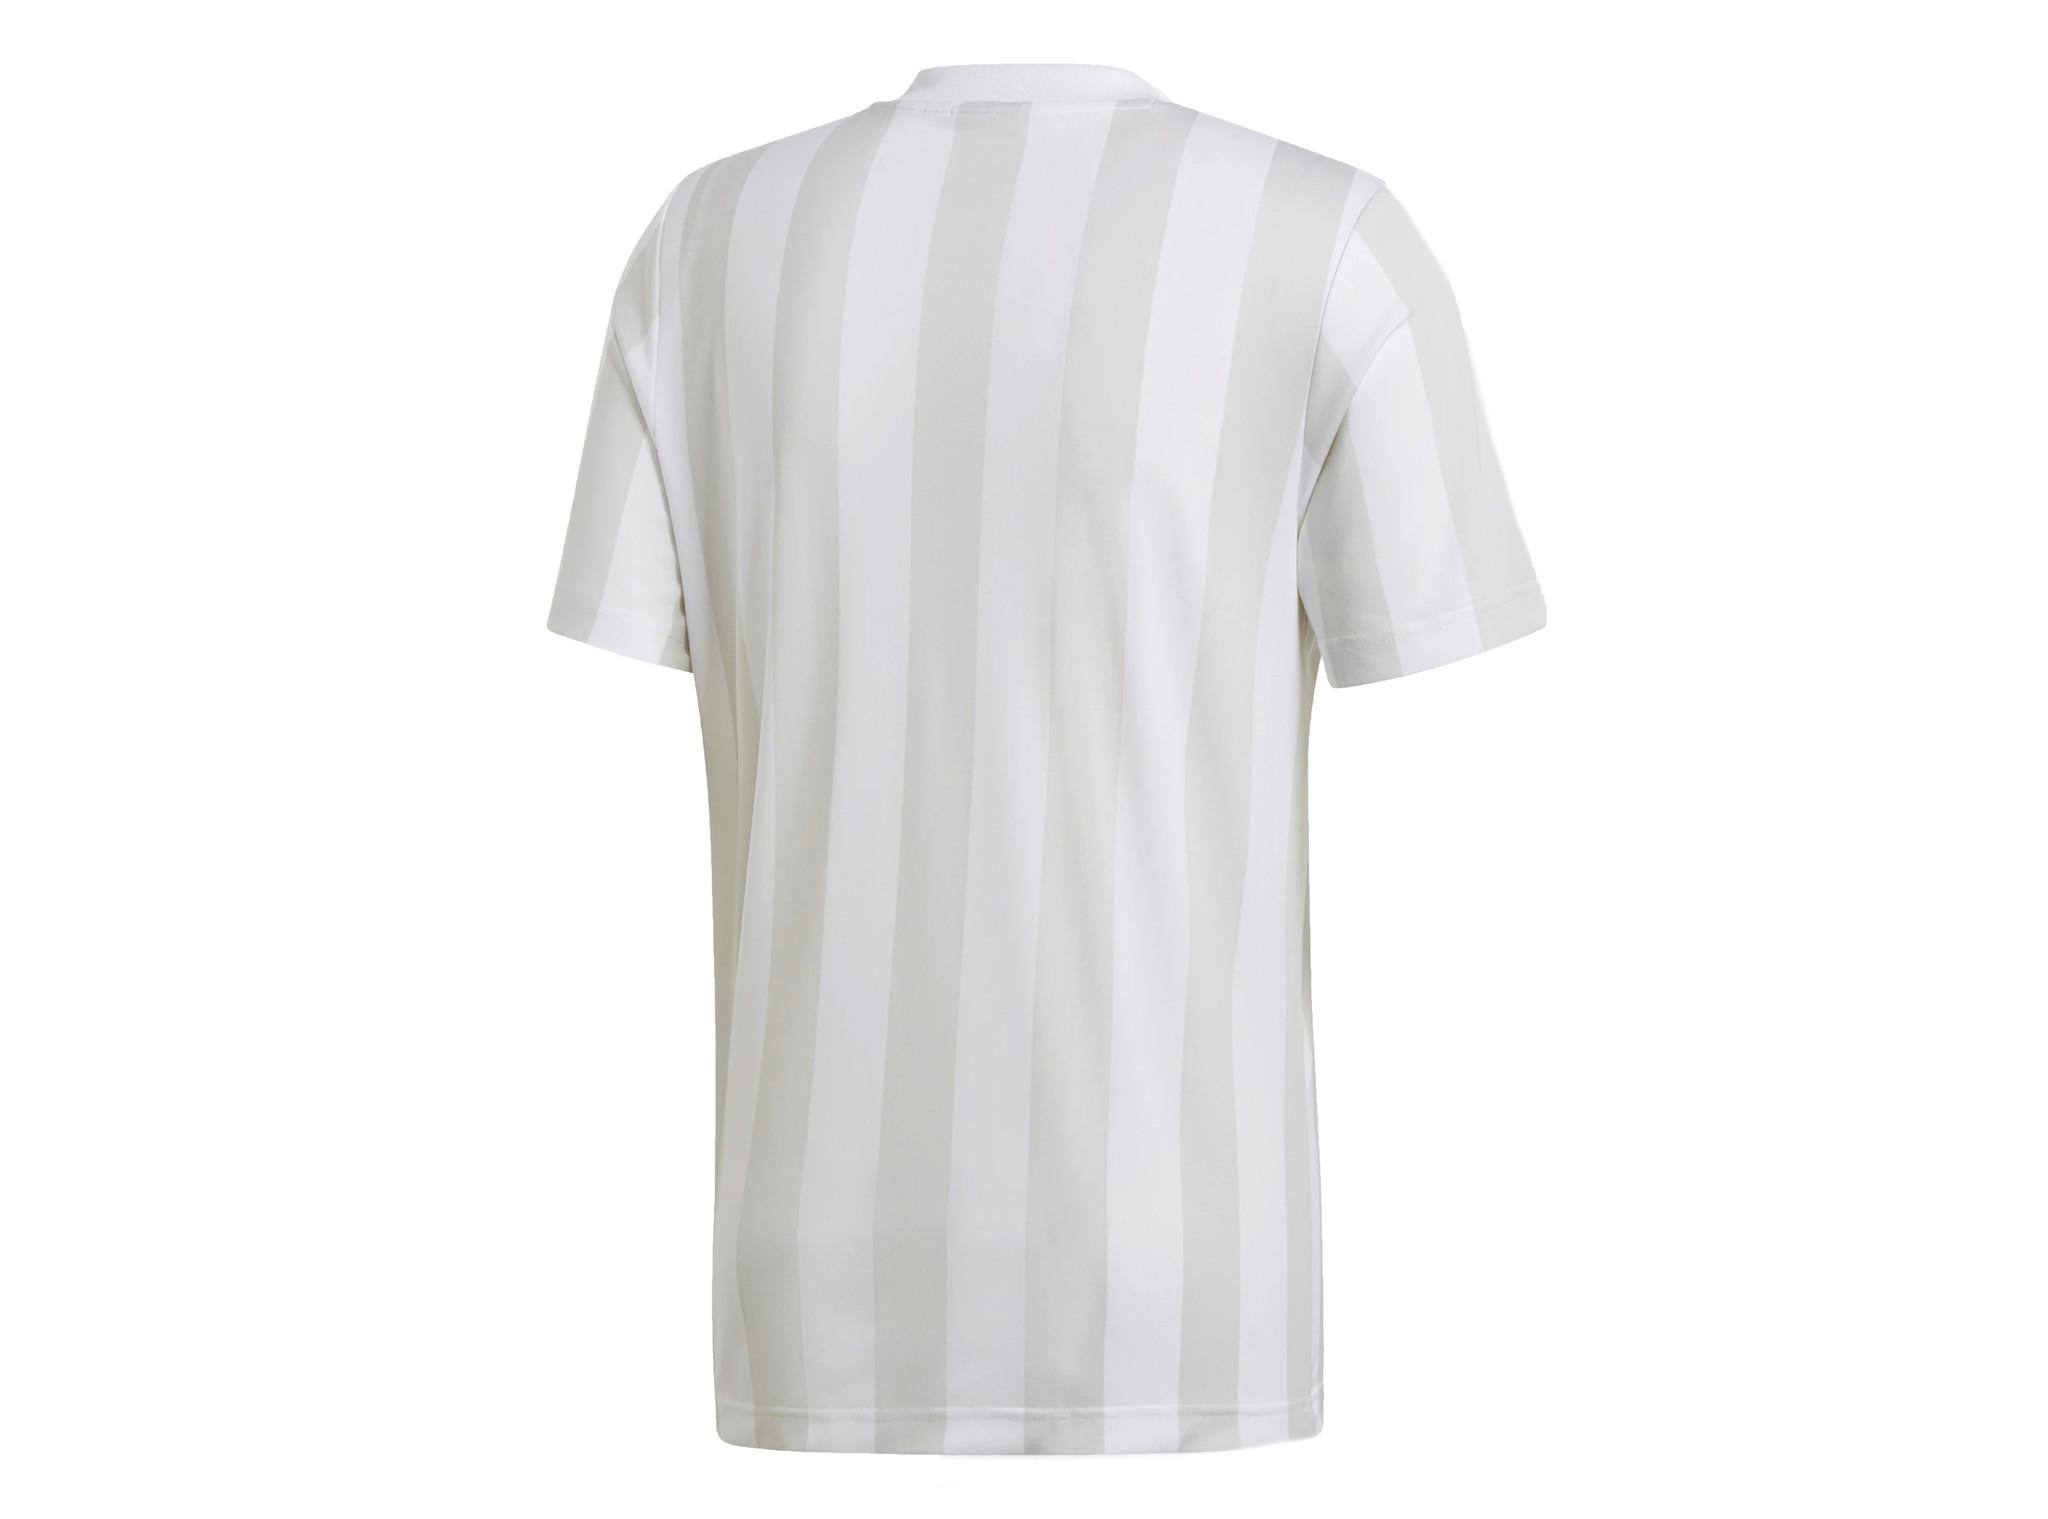 Adidas Es Ply Jersey White Grey One DZ1553 | Bruut Online